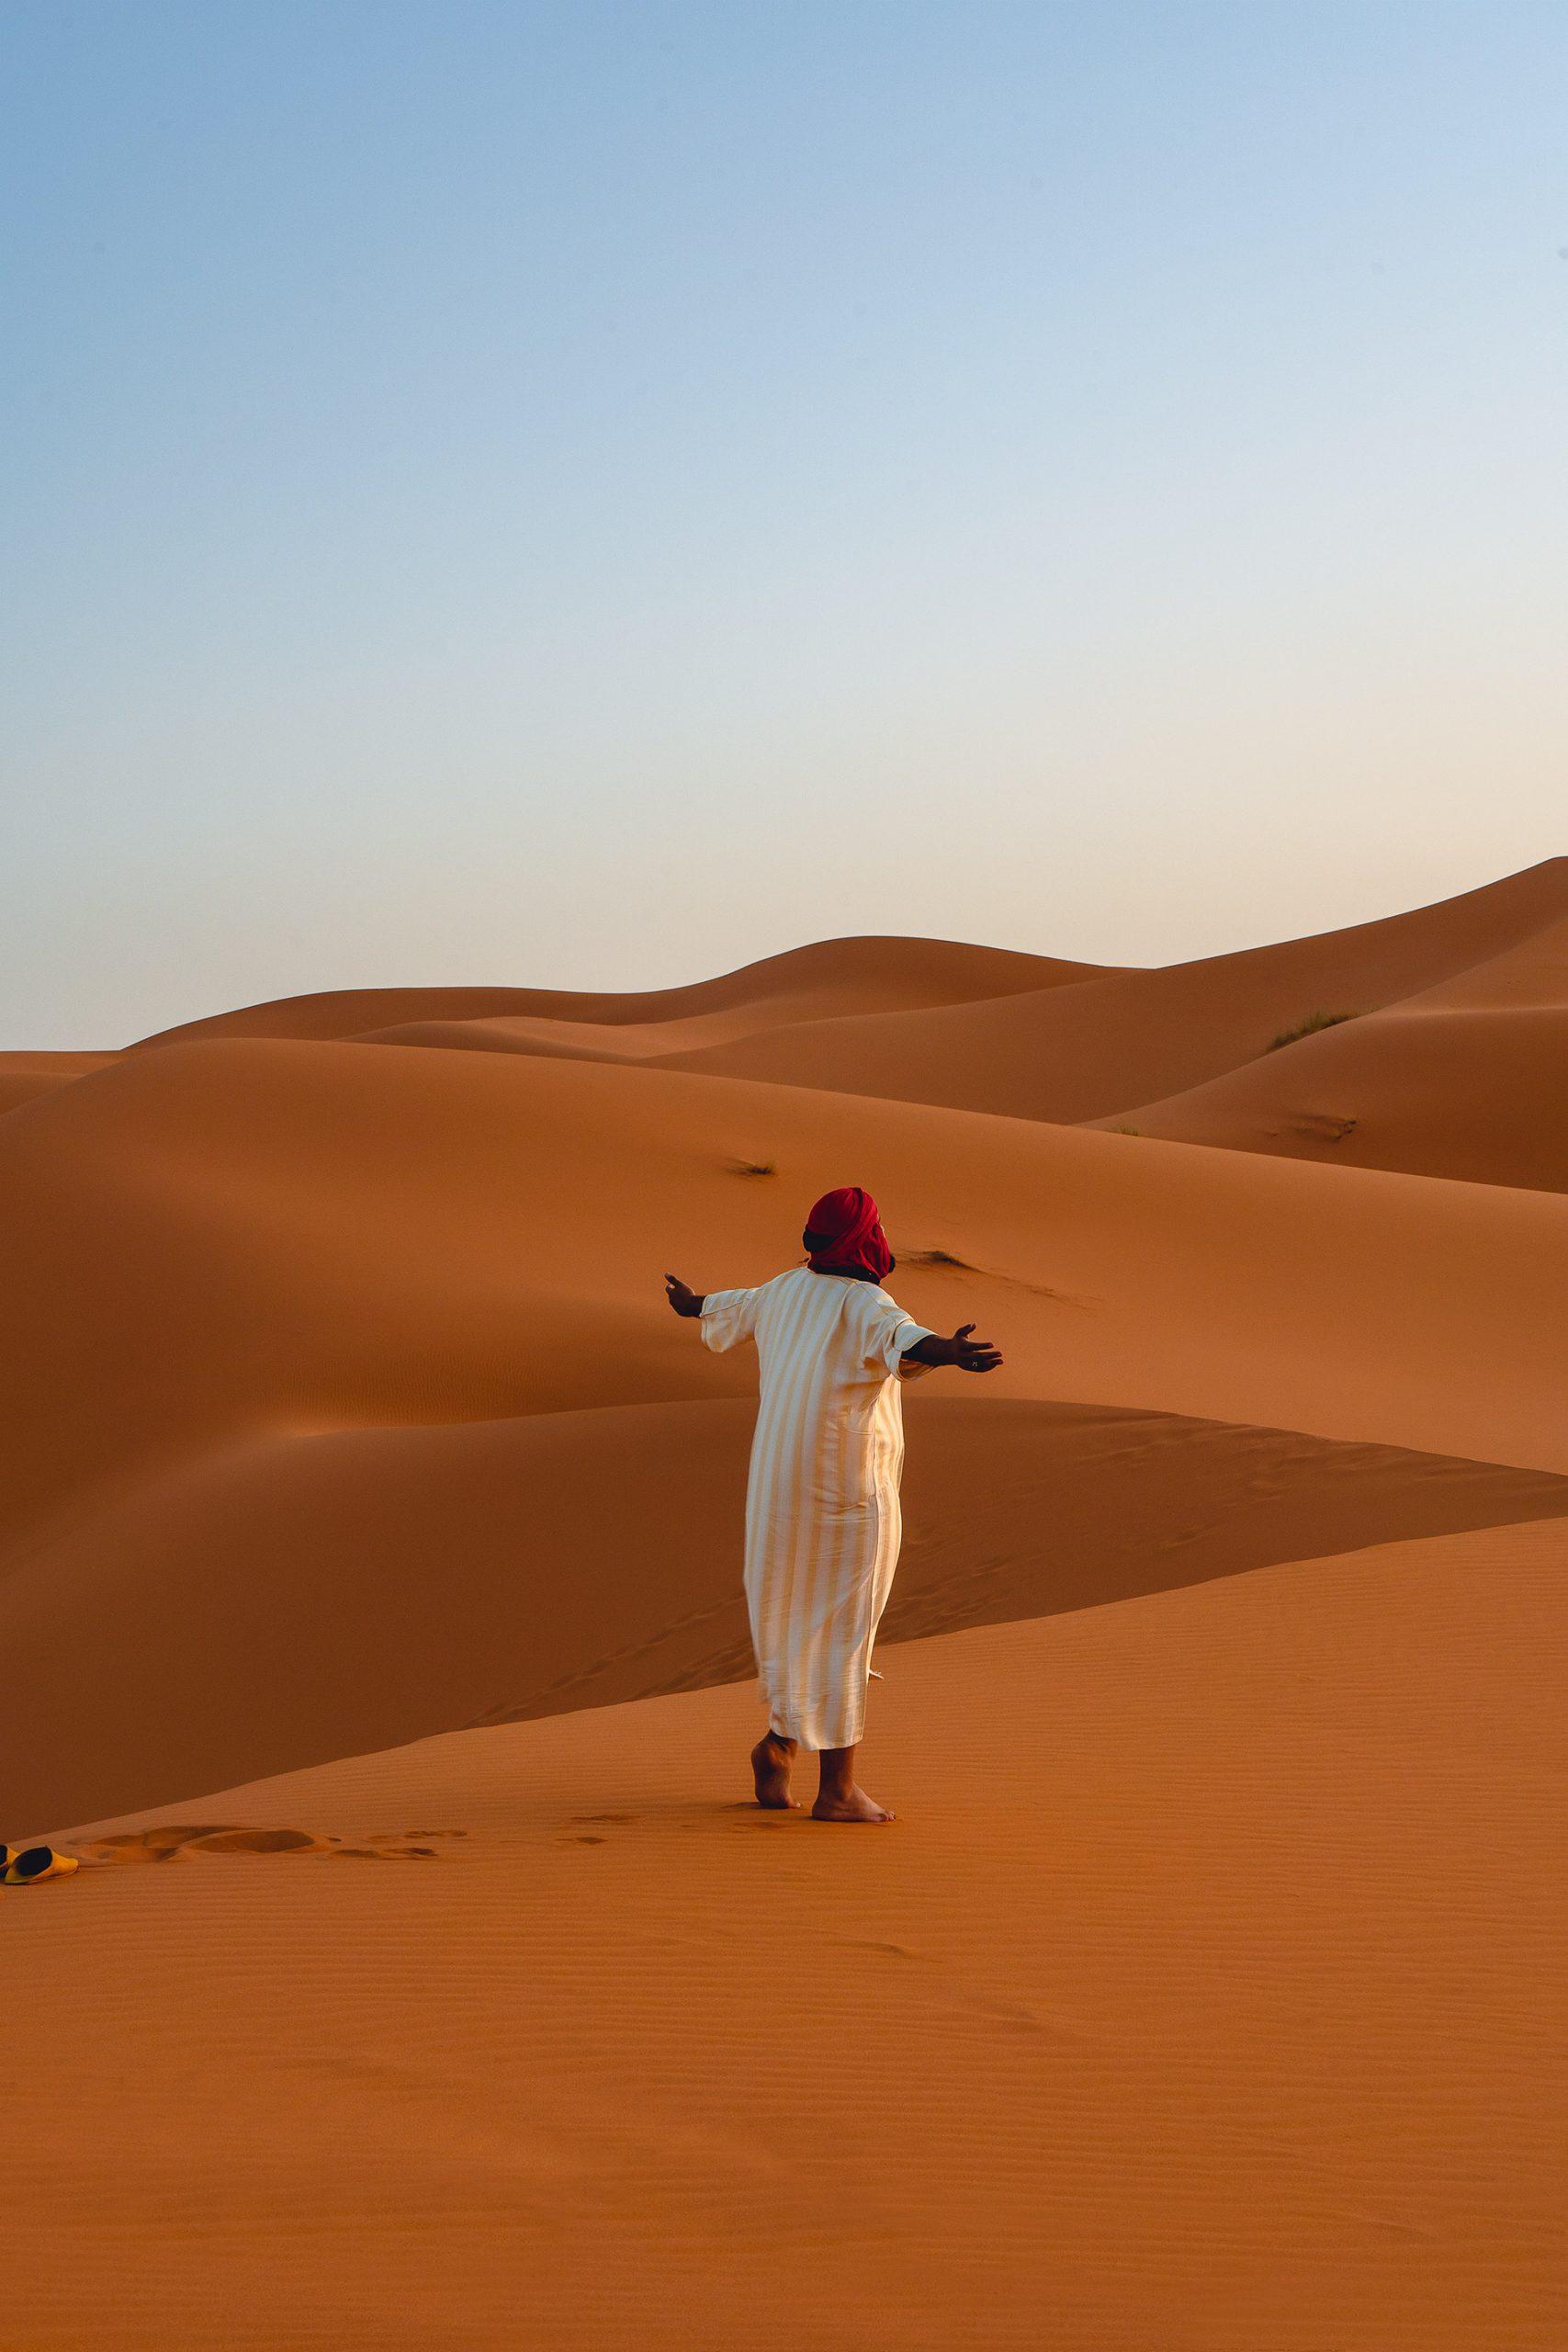 Enjoying the sunrise in the Egg Chebbi sand dunes in the desert of Morocco